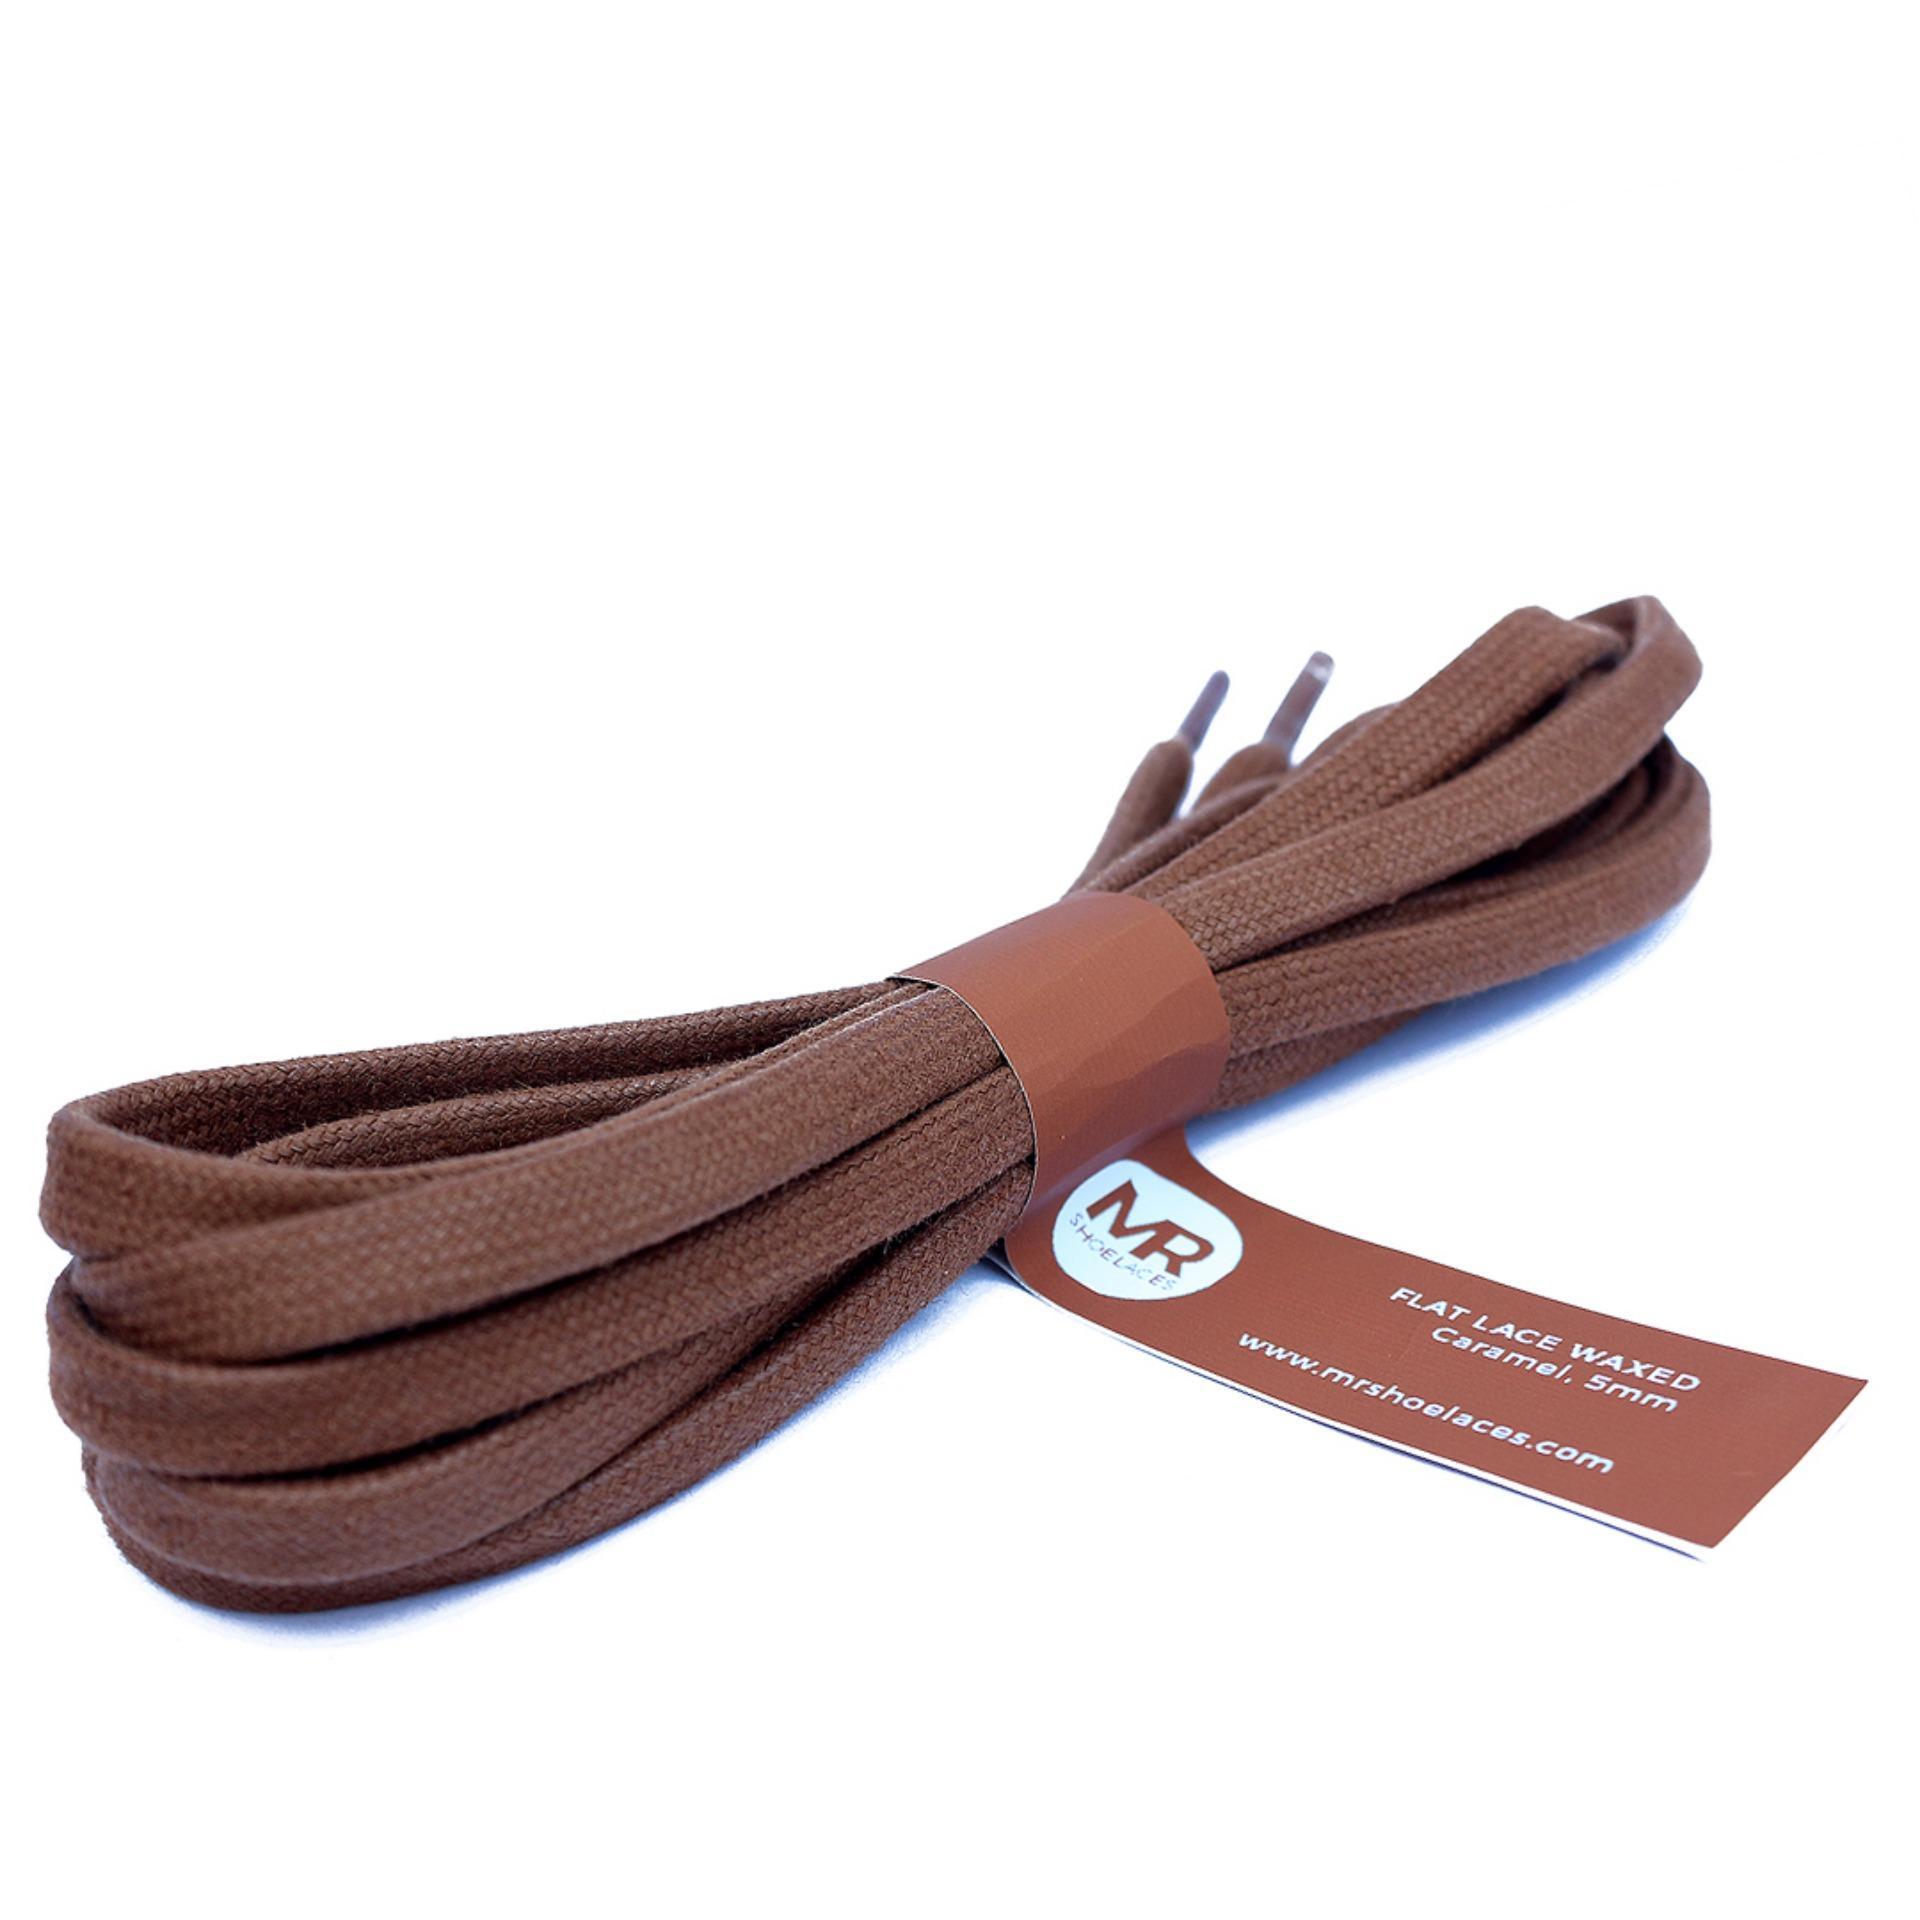 Mr. Sholeaces - Tali Sepatu Lilin Gepeng 5mm - Coklat Karamel